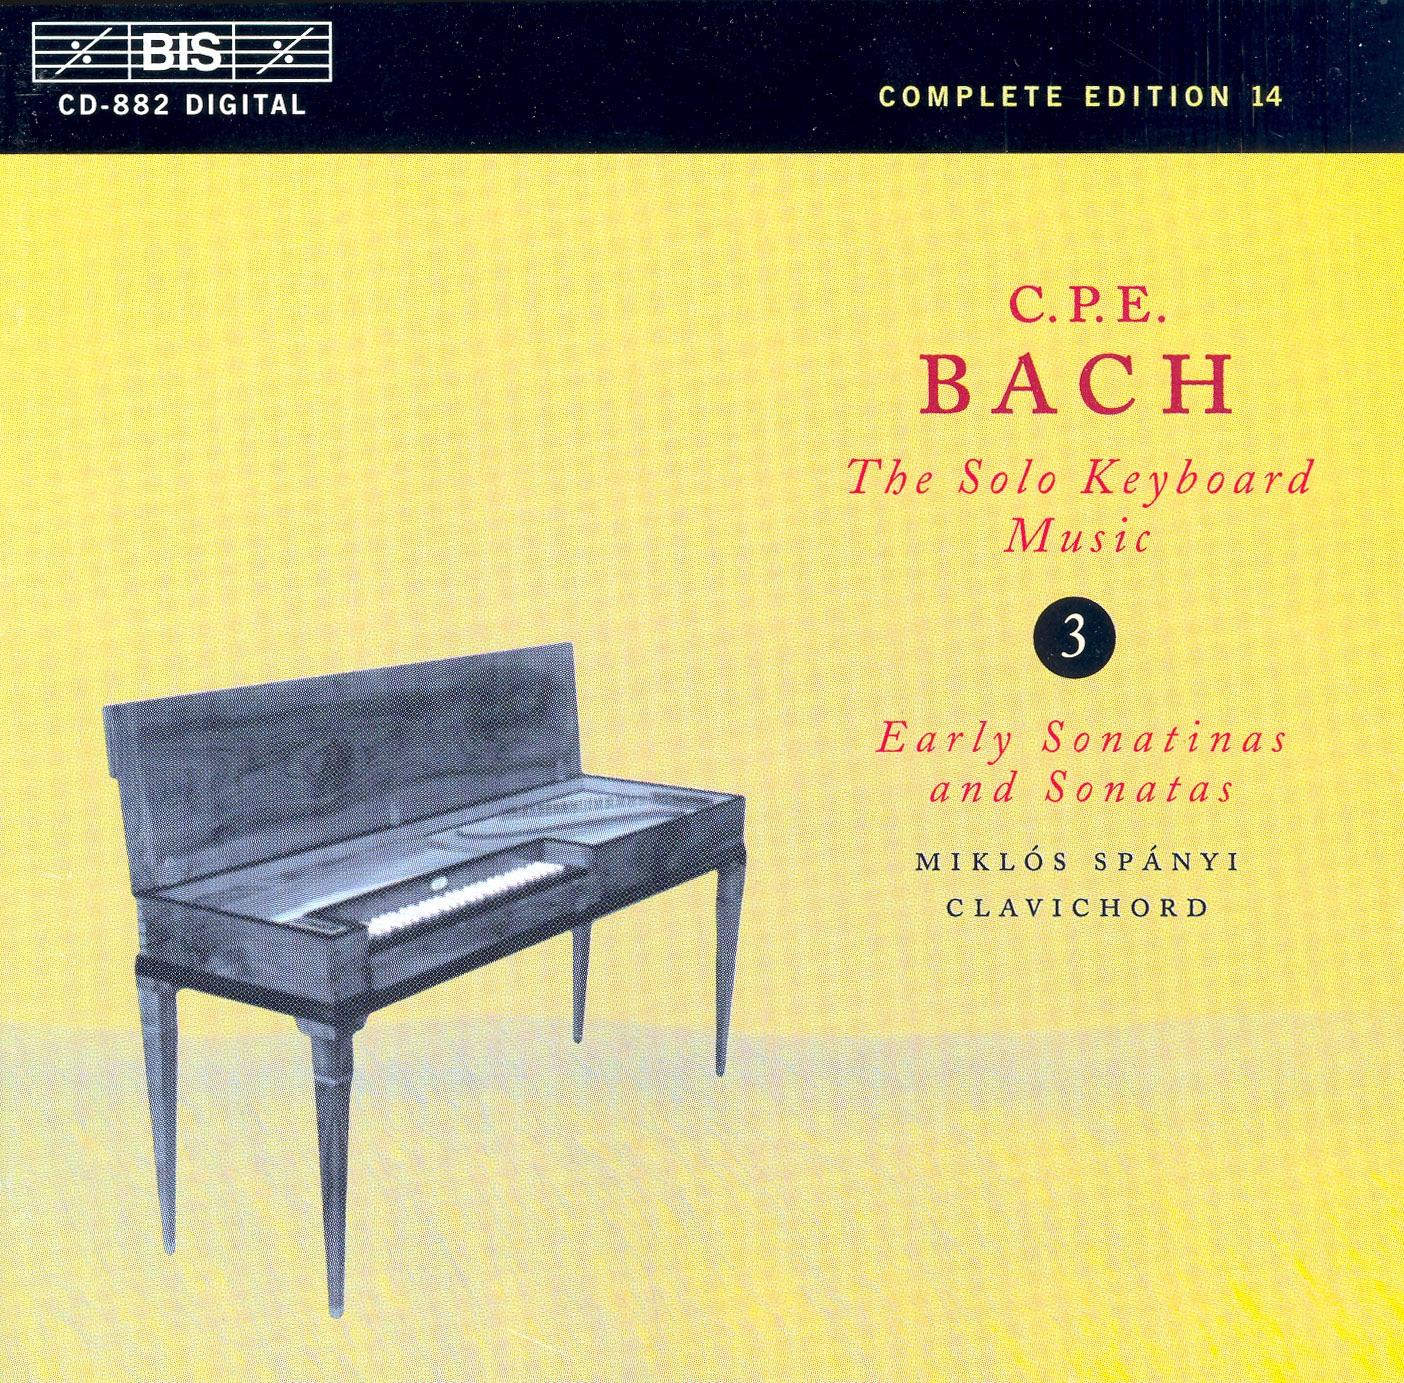 Keyboard Sonata In D Minor, Wq. 65/3, H. 5: I. Allegro Di Molto